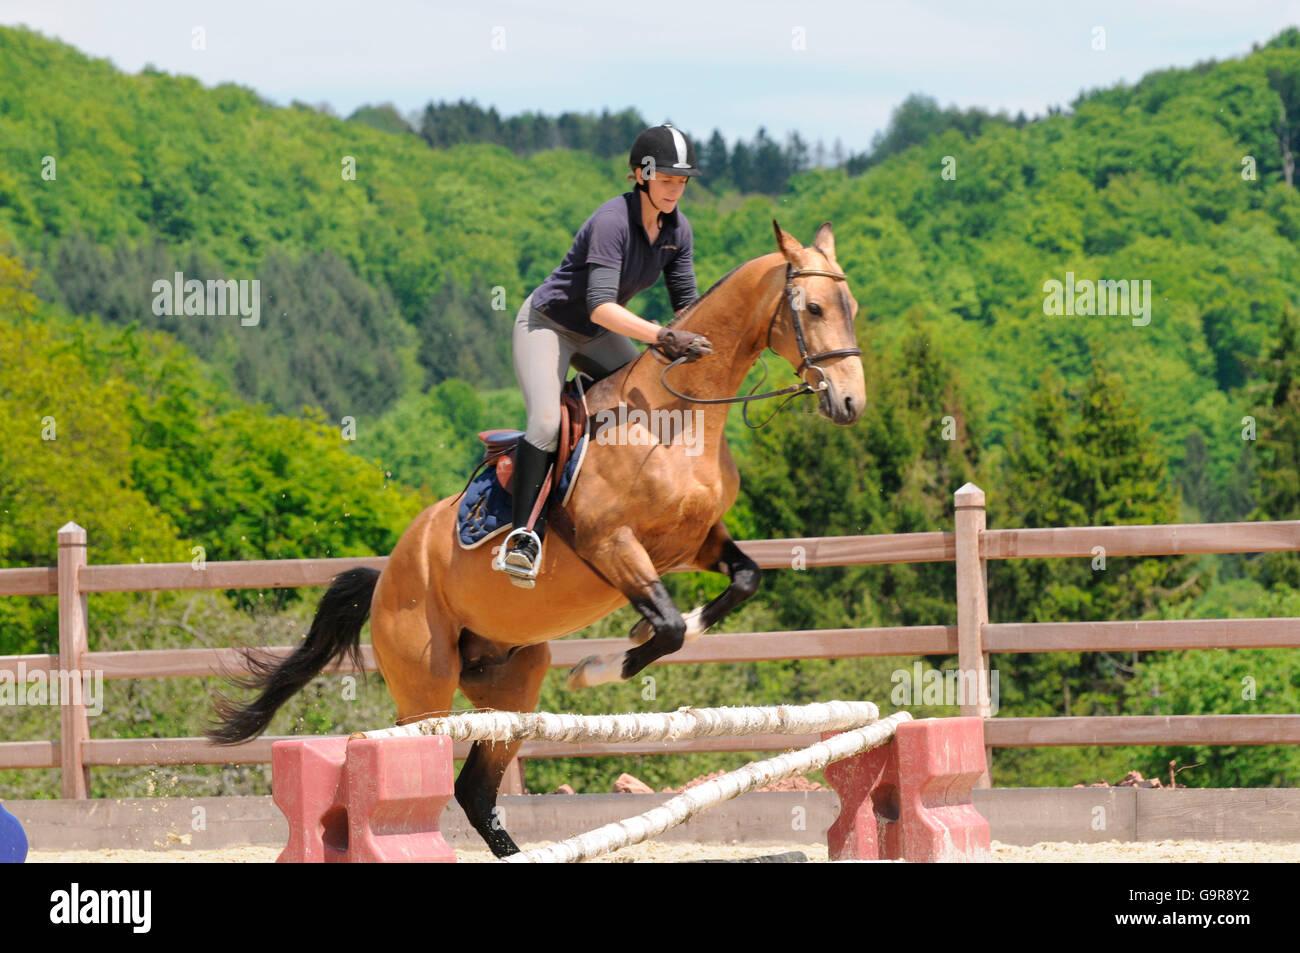 Teke Akhal jumping pictures